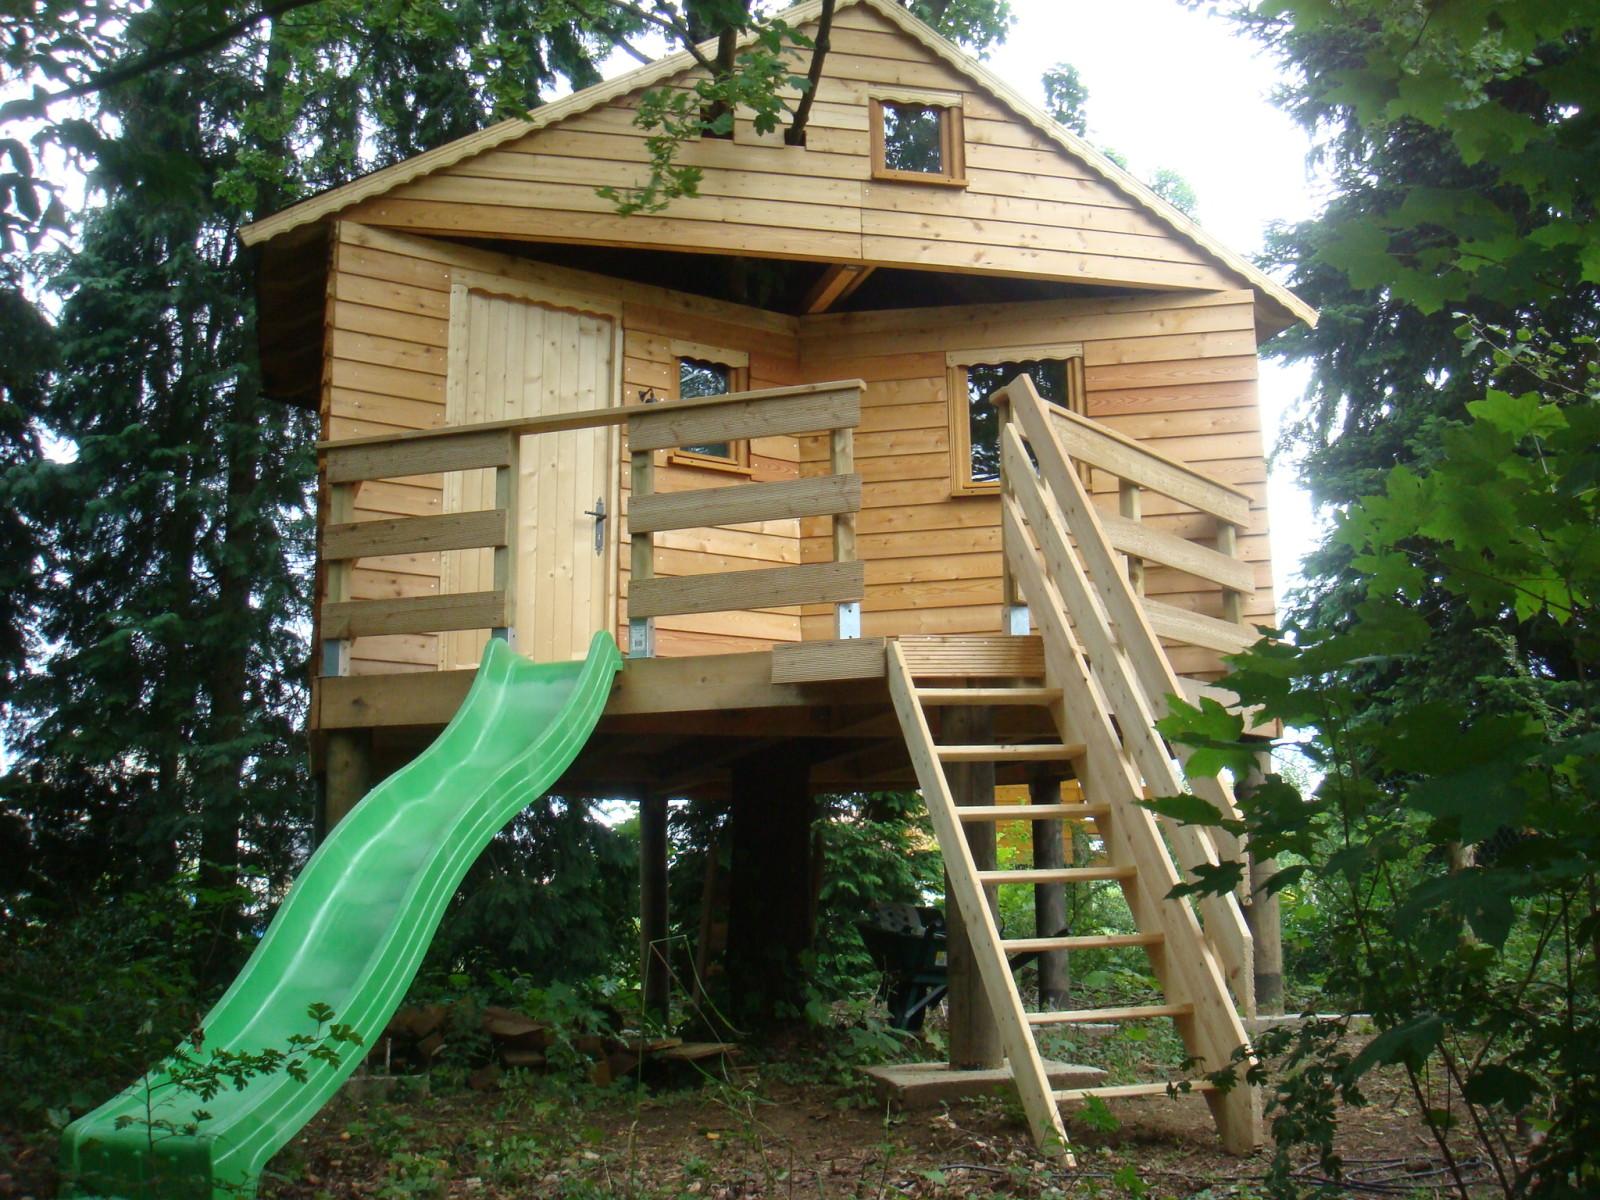 Construire une cabane en bois sur pilotis